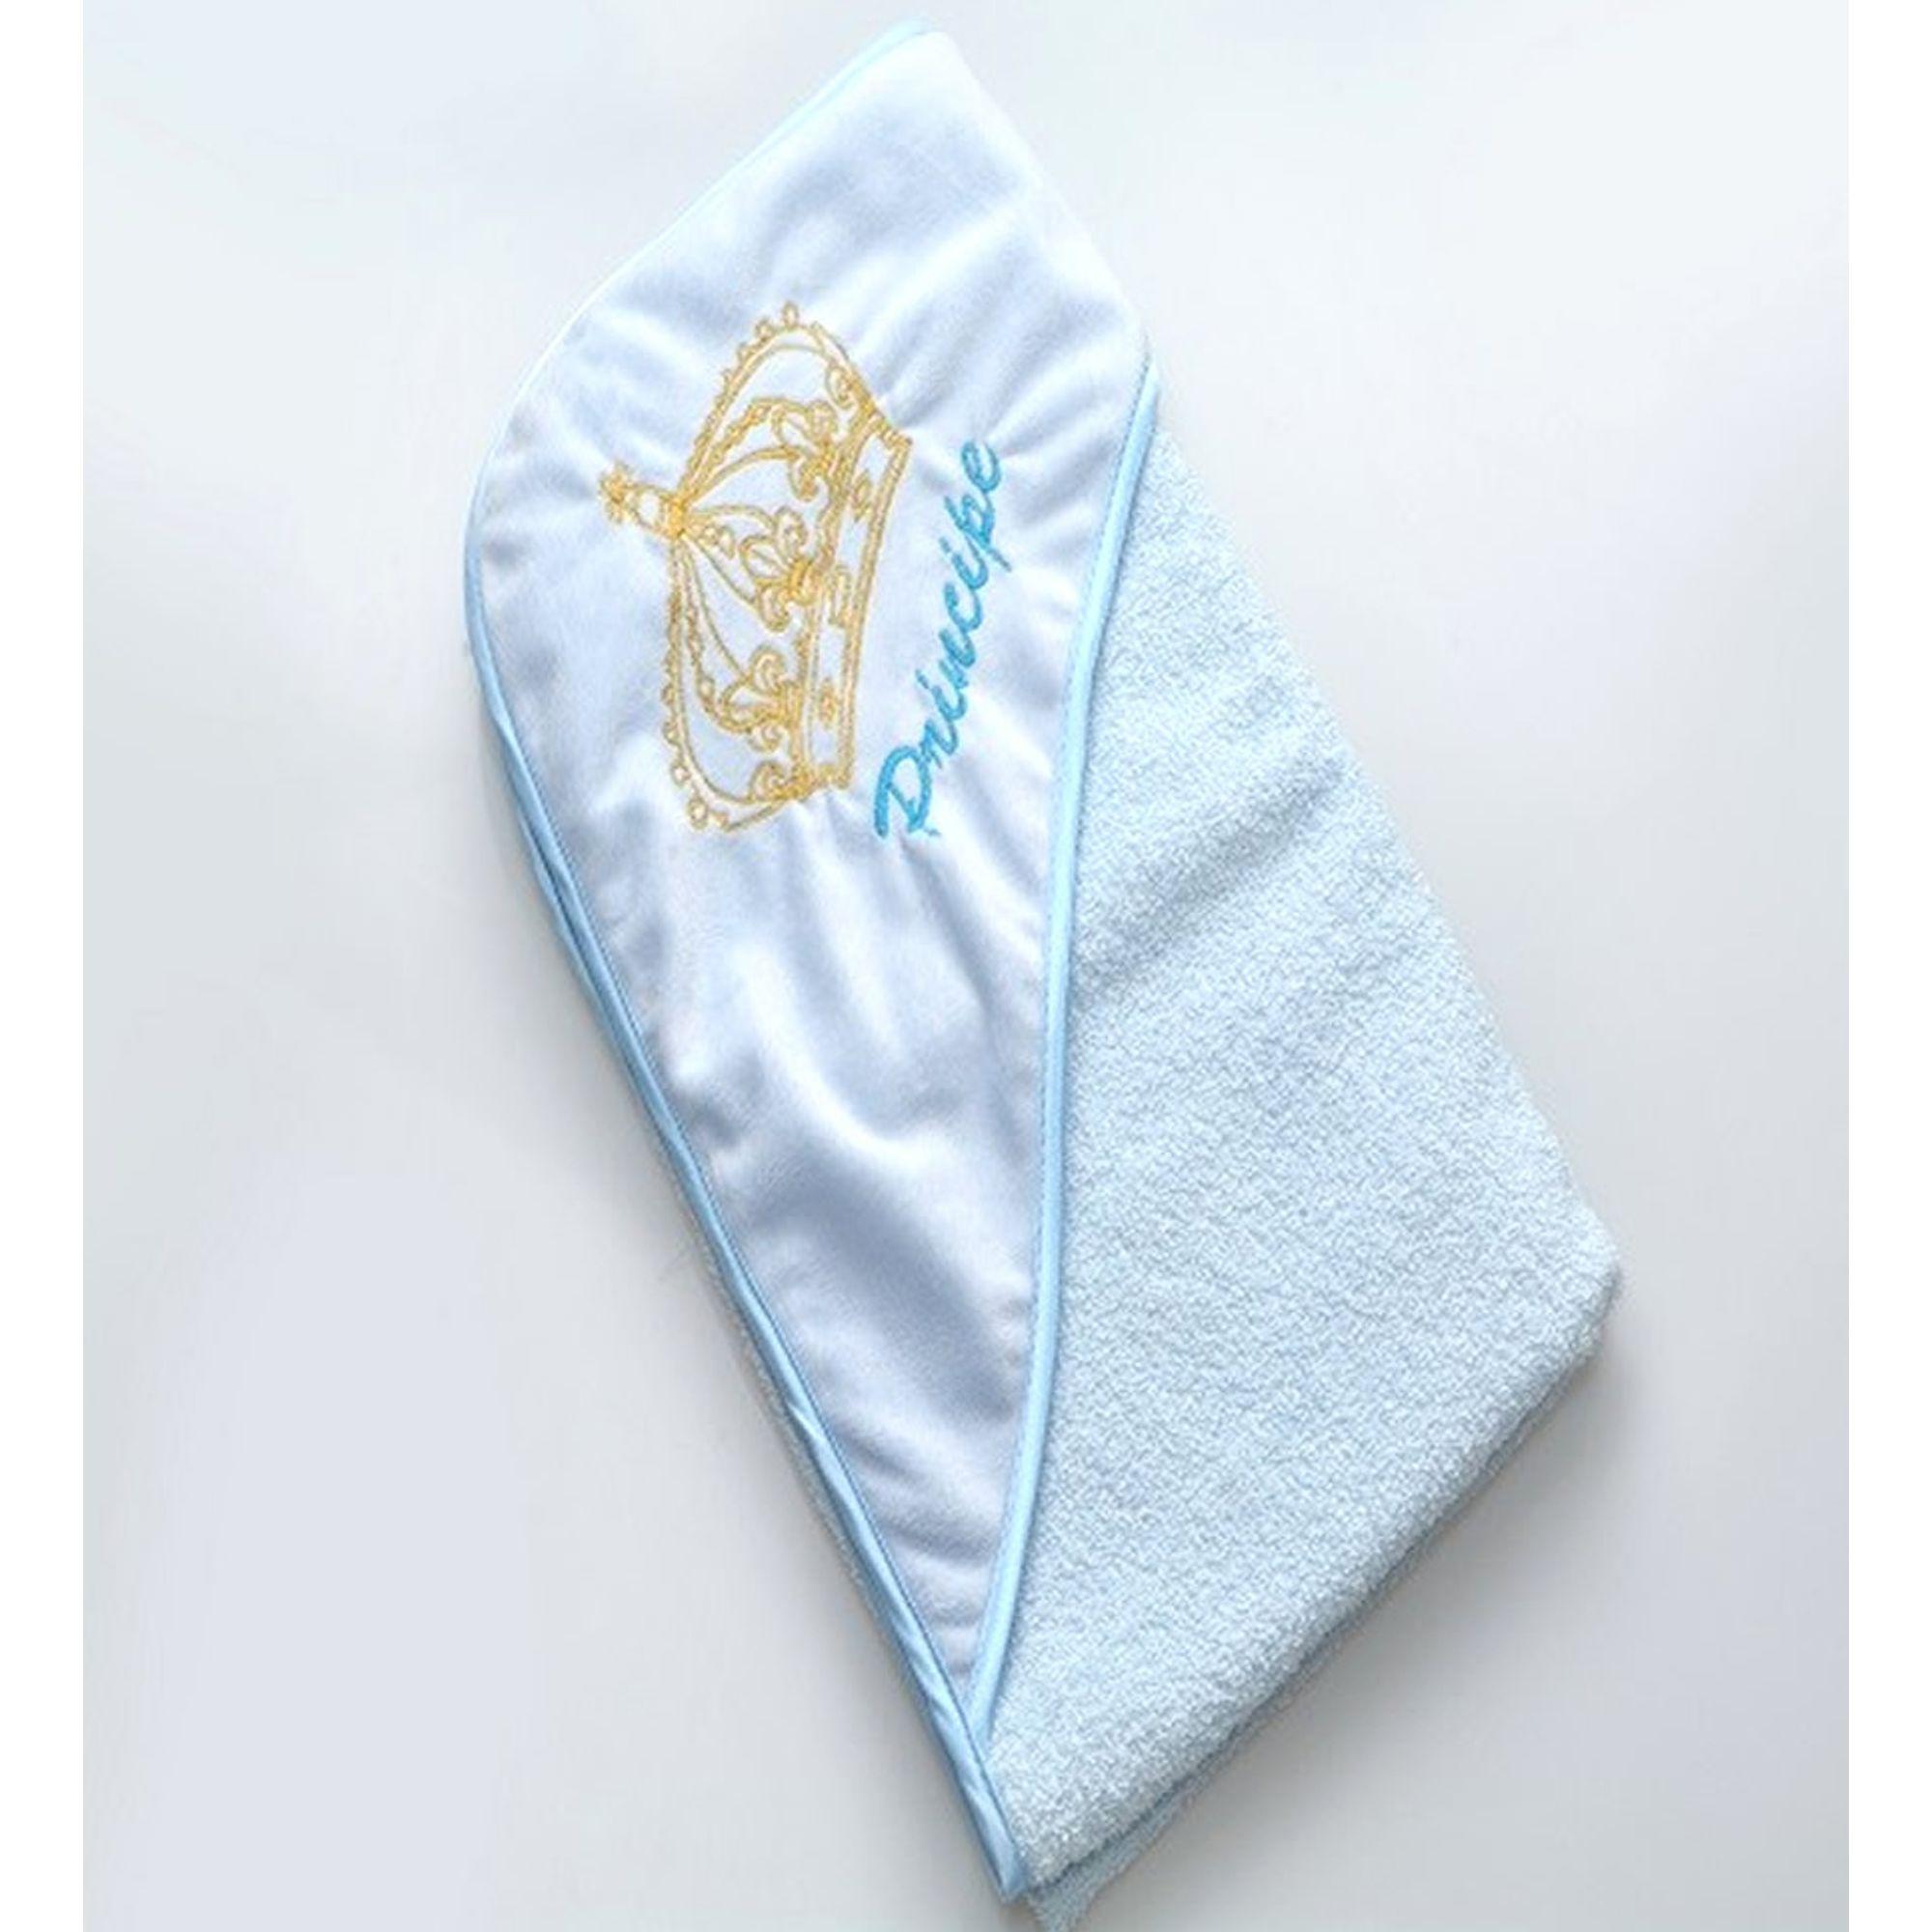 toalha-banho-infantil-principe-azul